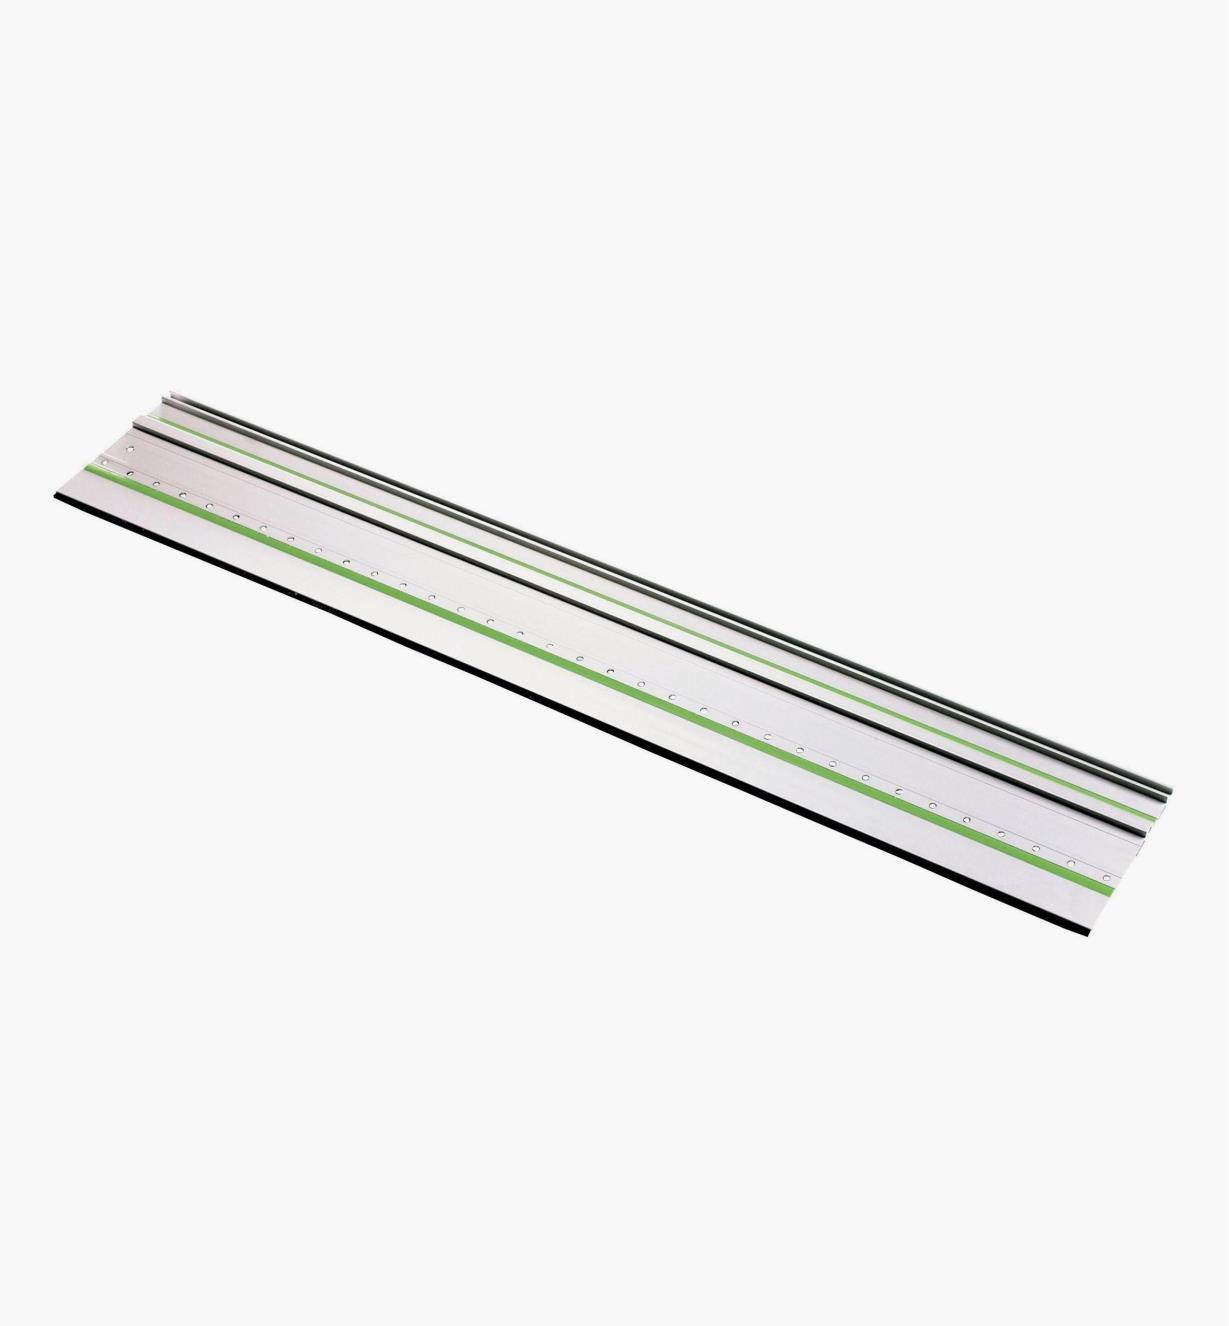 """ZA496939 - FS 1400/2 (LR32) Guide Rail, 1400mm (55"""")"""